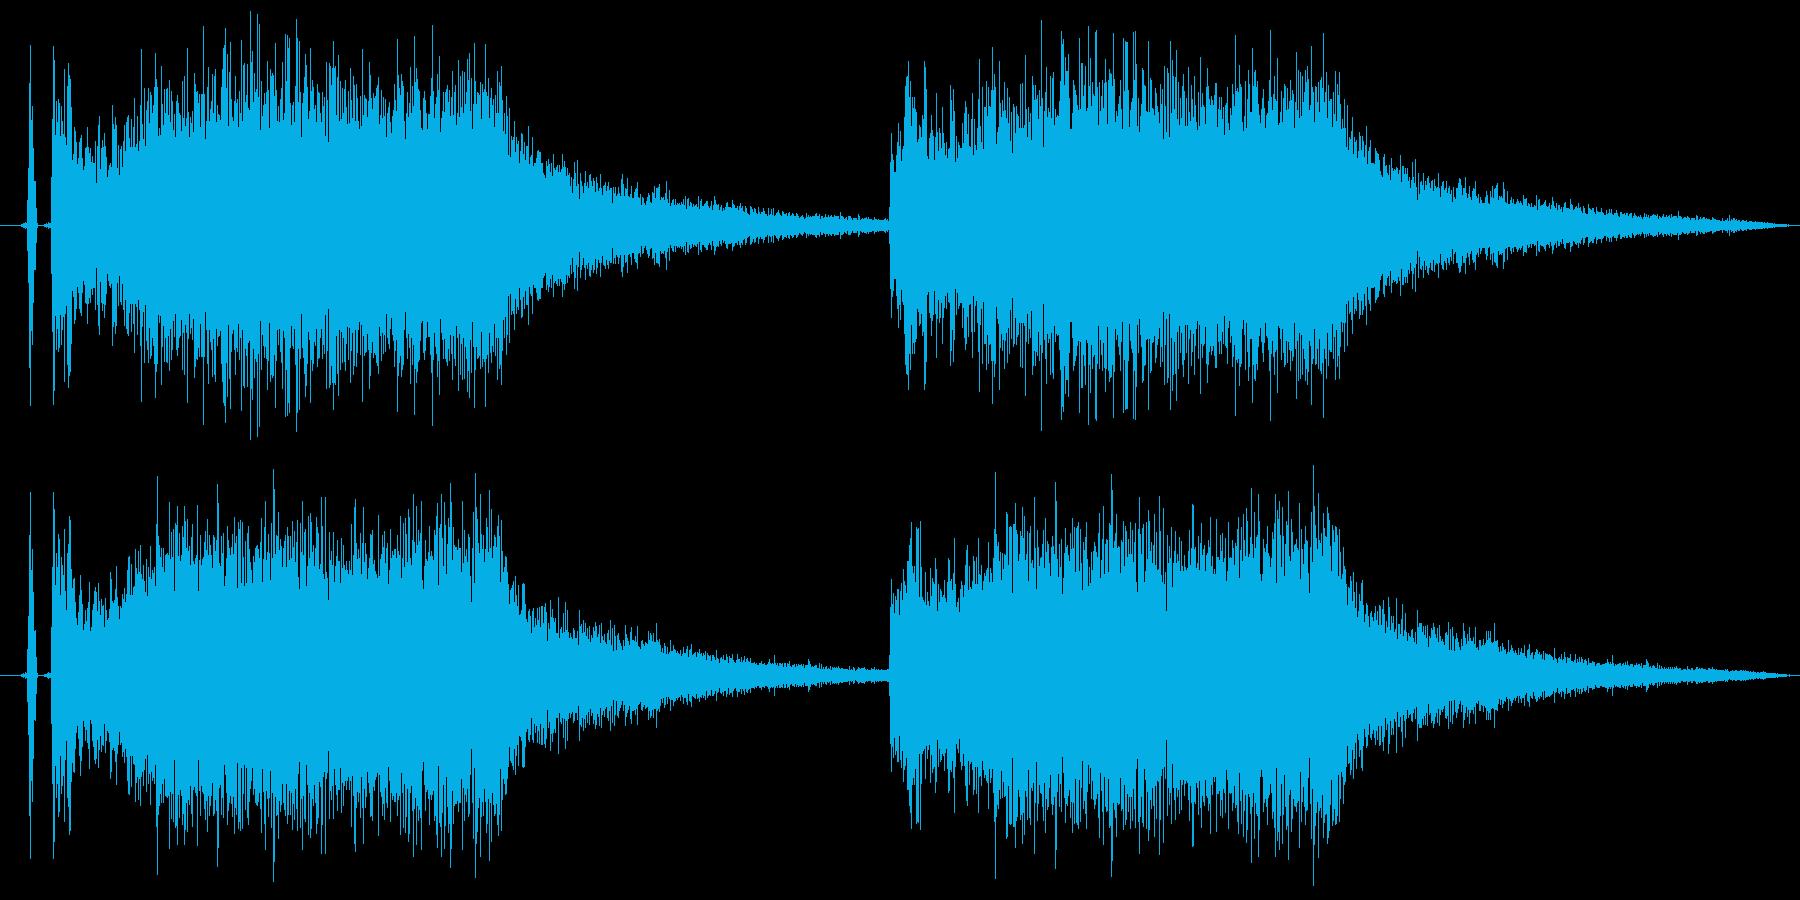 注意、警告音、警報の効果音です!03の再生済みの波形